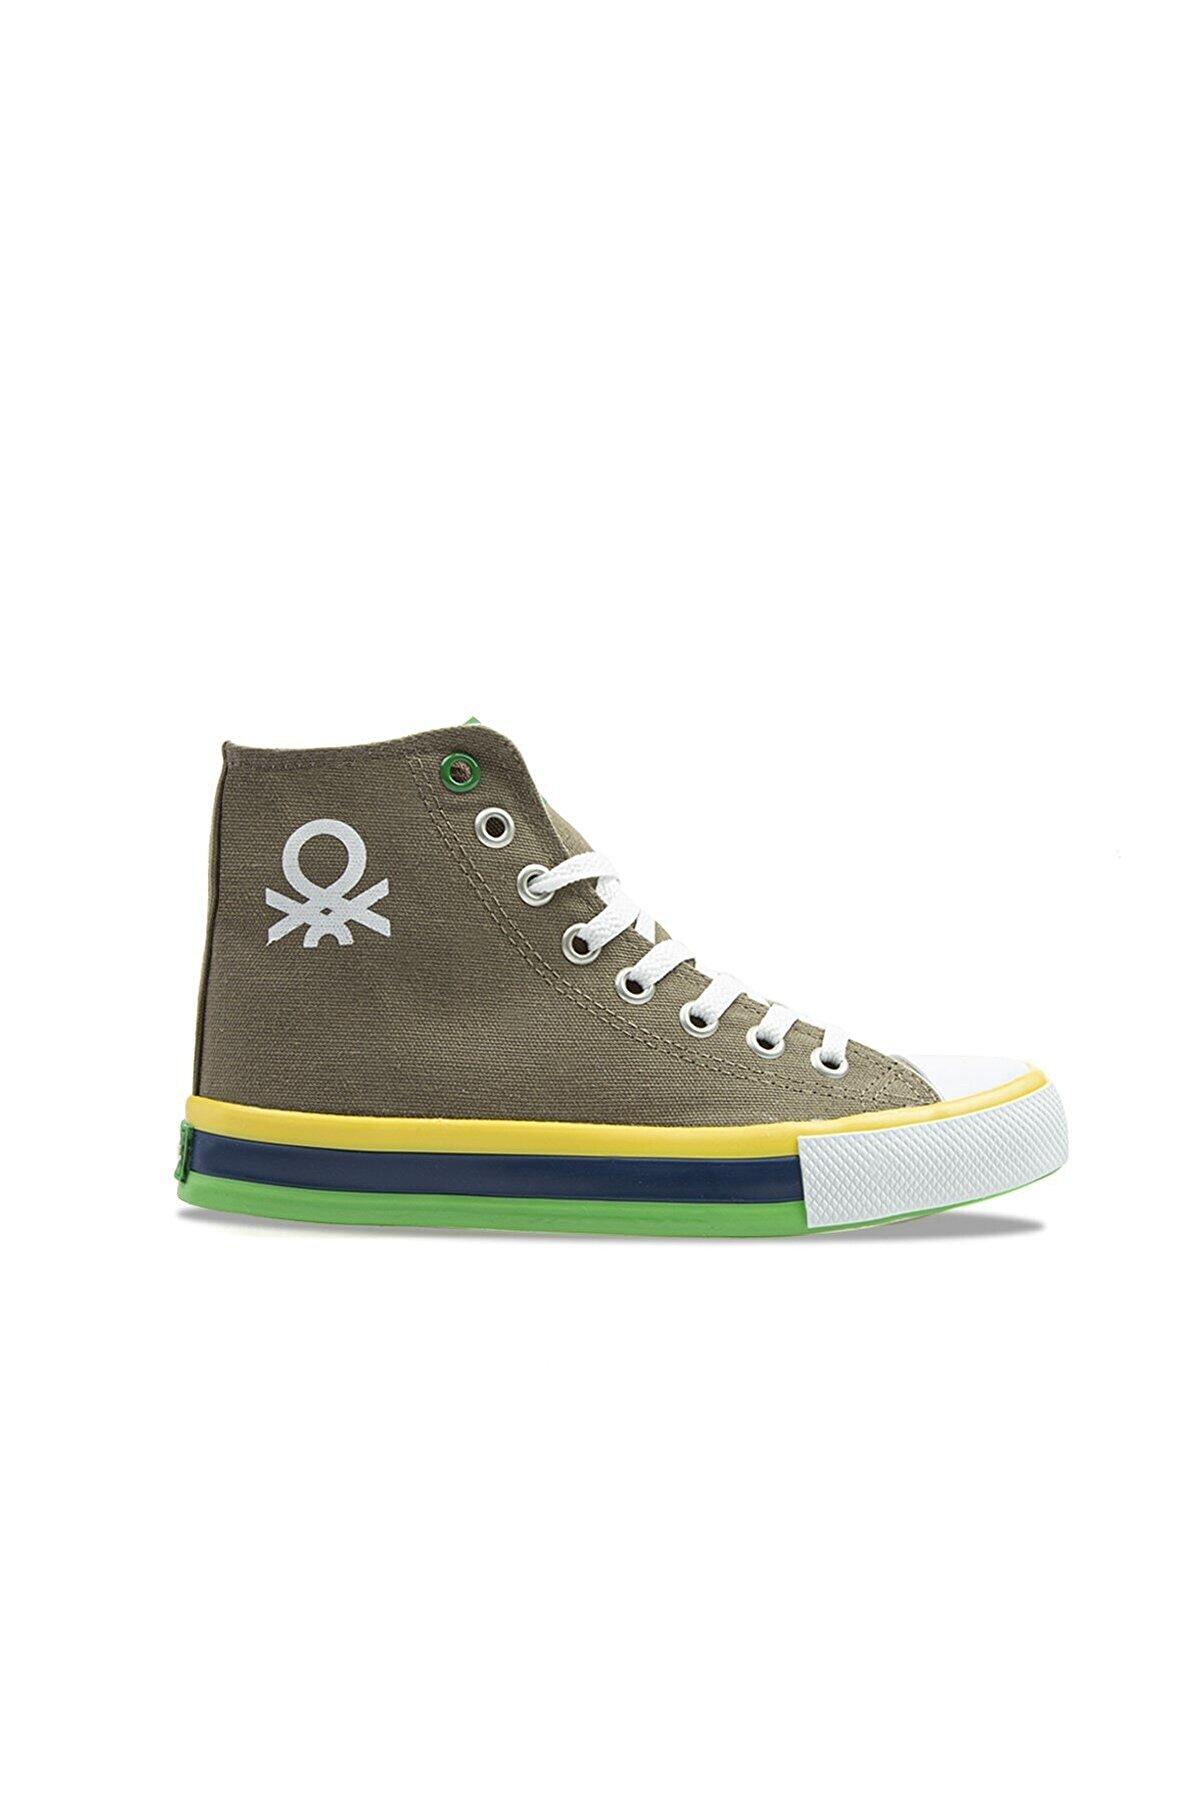 Benetton Kadın Haki Spor Ayakkabı